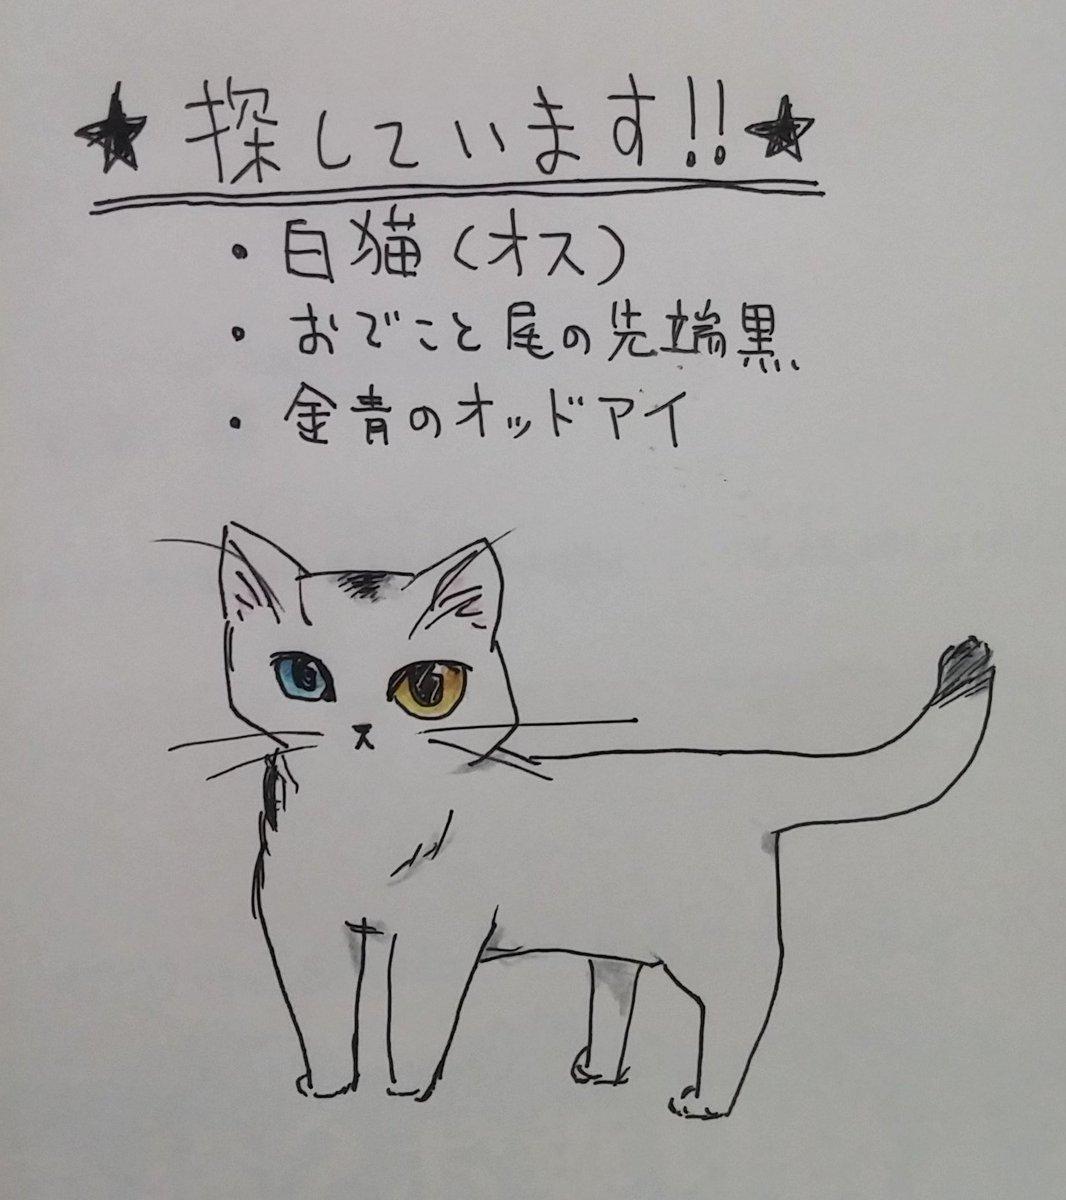 【迷い猫】千葉県松戸市大金平付近にて、小柄白猫オス(額と尾の先少し黒)、オッドアイ青金目、飼い主さんが探しておられます。情報提供お願いします。 #迷い猫 #猫 #千葉 #松戸 https://t.co/BrLs19XcxL